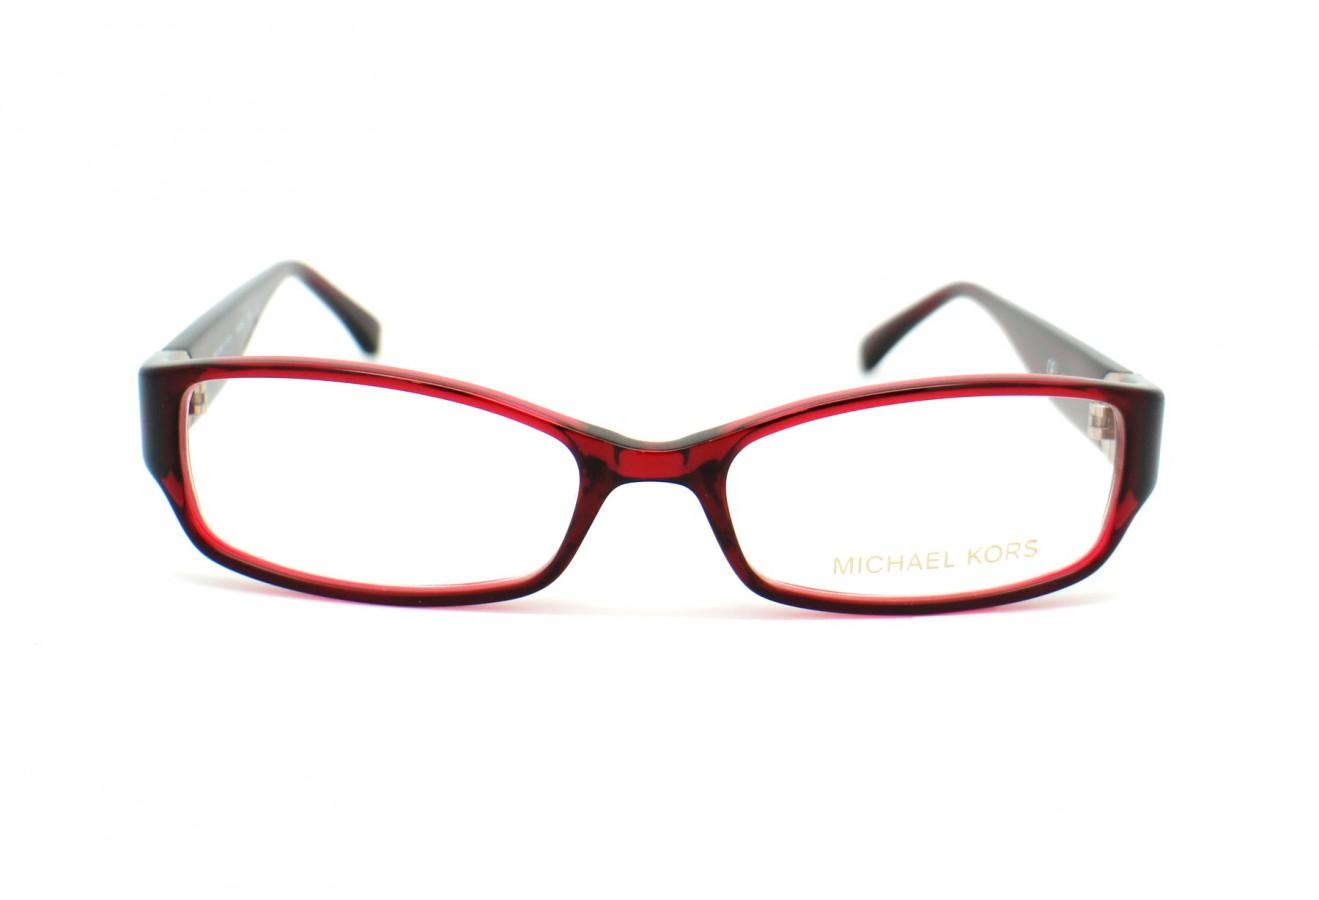 61915910fa5ab9 Michael Kors Lunettes. lunette de vue michael kors 2016 mksale ...